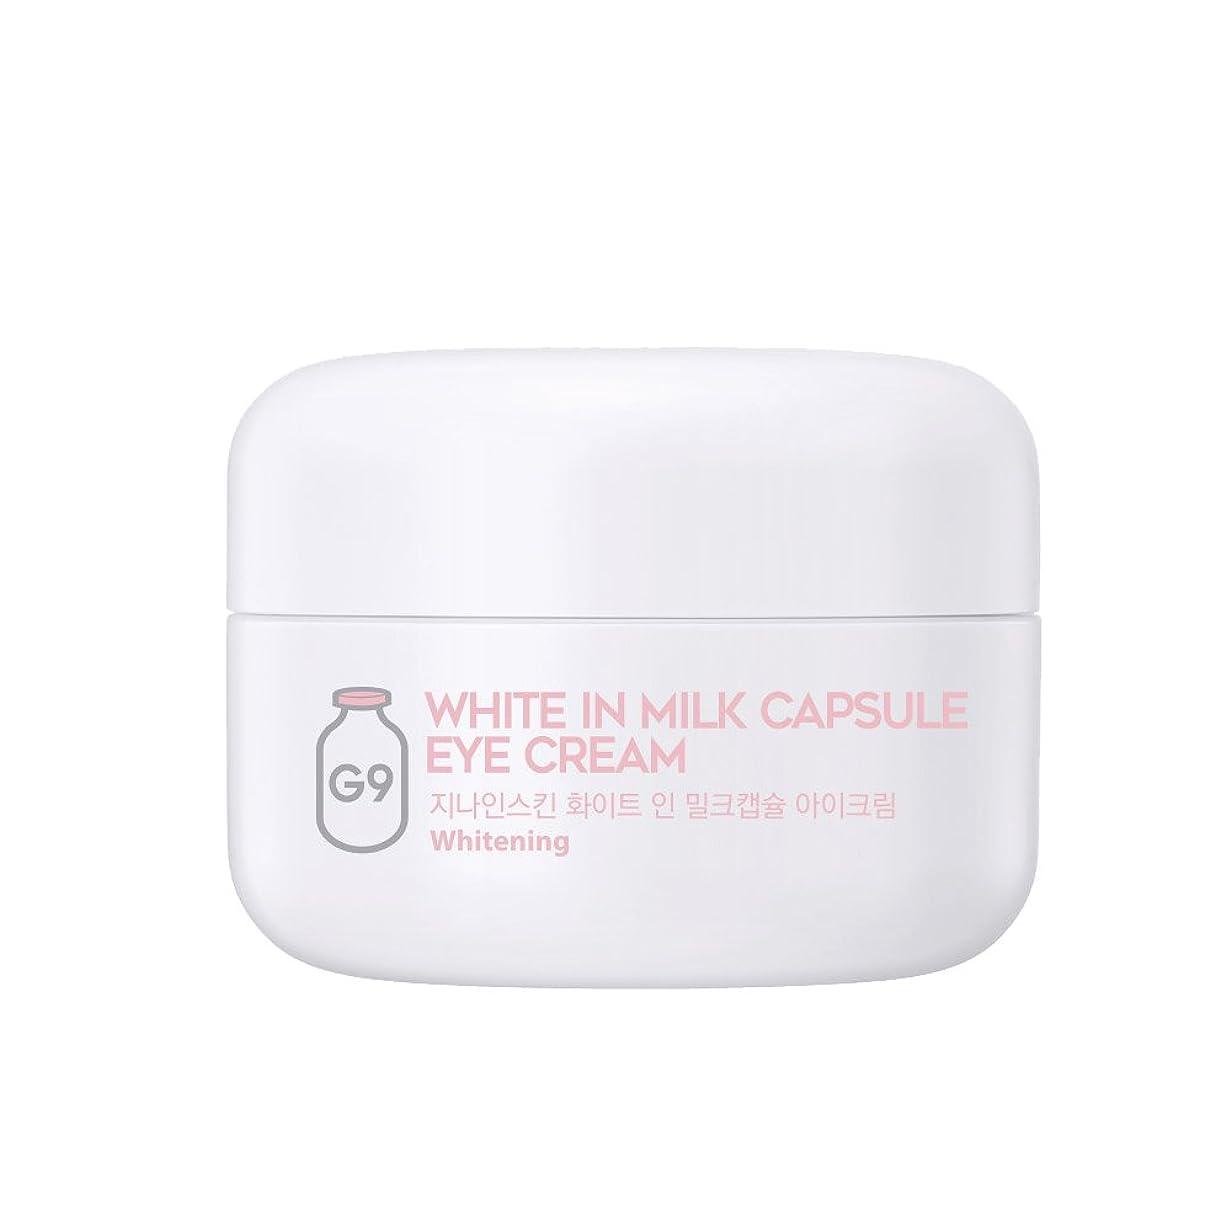 スモッグ花婿利得G9SKIN(ベリサム) White In Milk Capsule Eye Cream ホワイトインミルクカプセルアイクリーム 30g